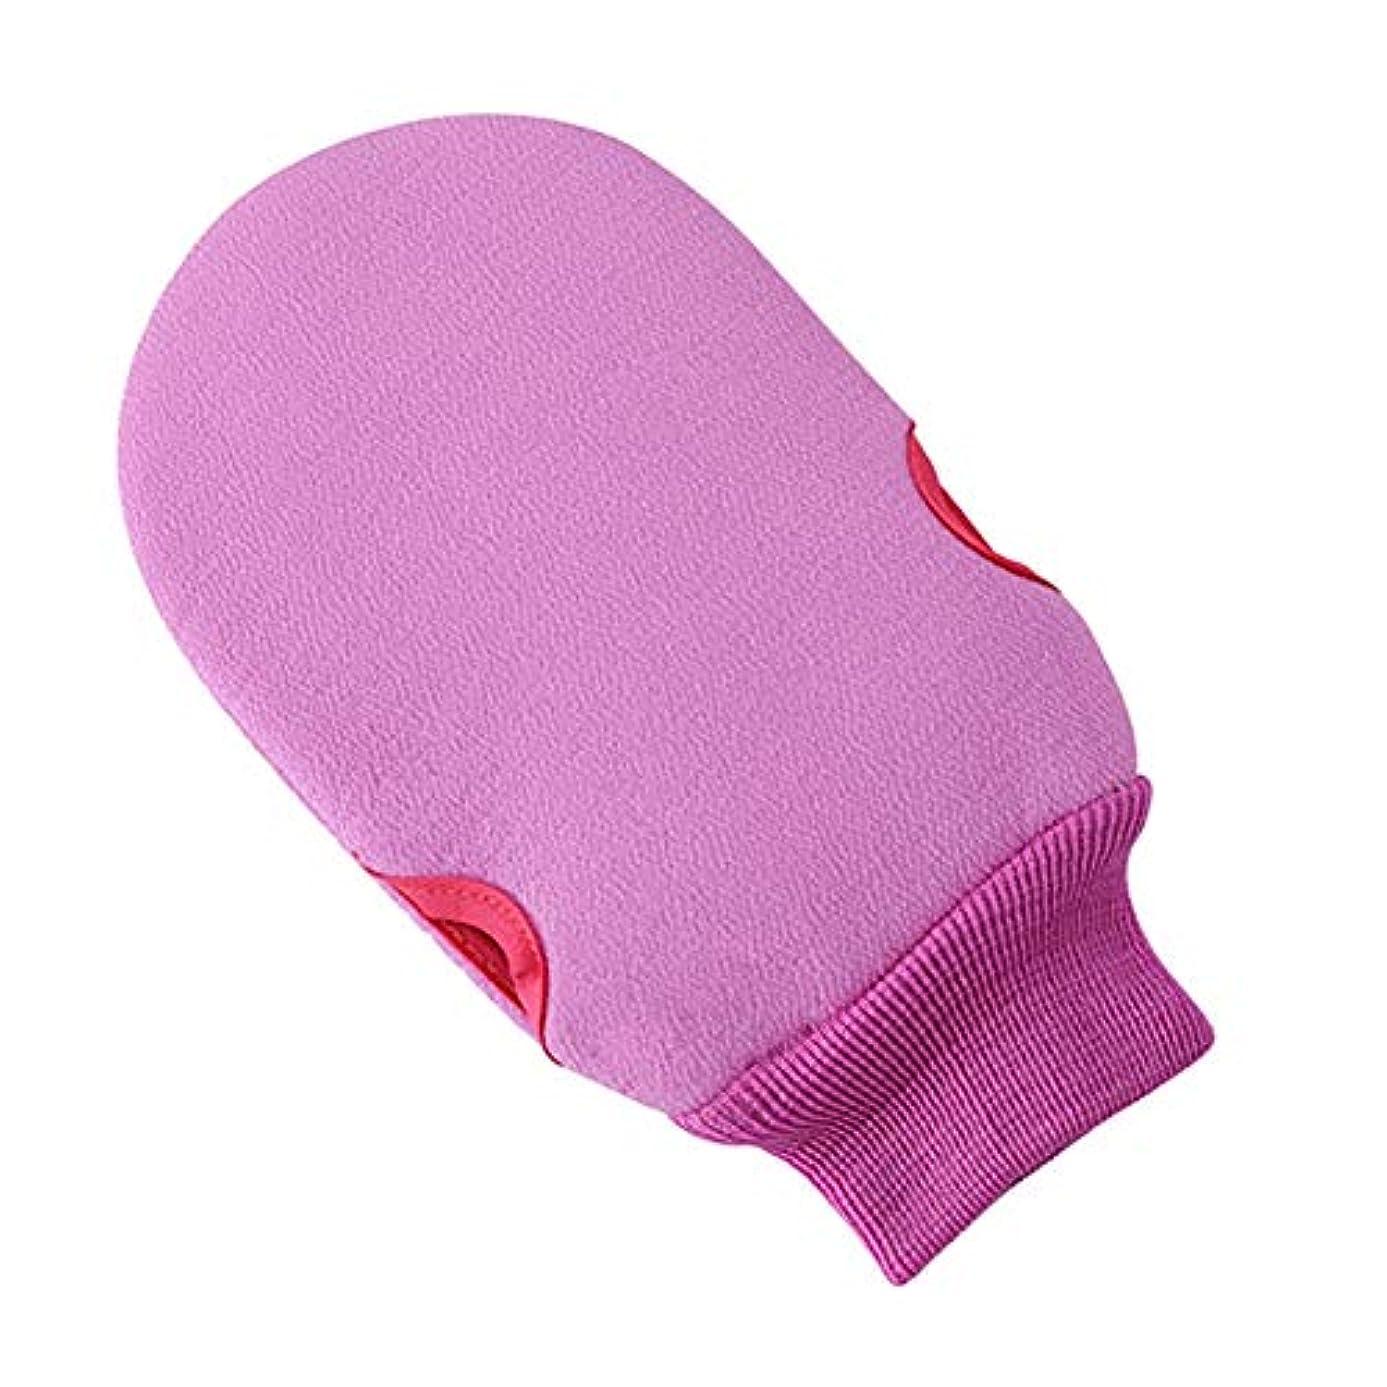 ドール正規化バンドルレモンハウス バスタオルセット厚い両面強いスクラブ手袋泥男性と女性のためのバスタオル手袋